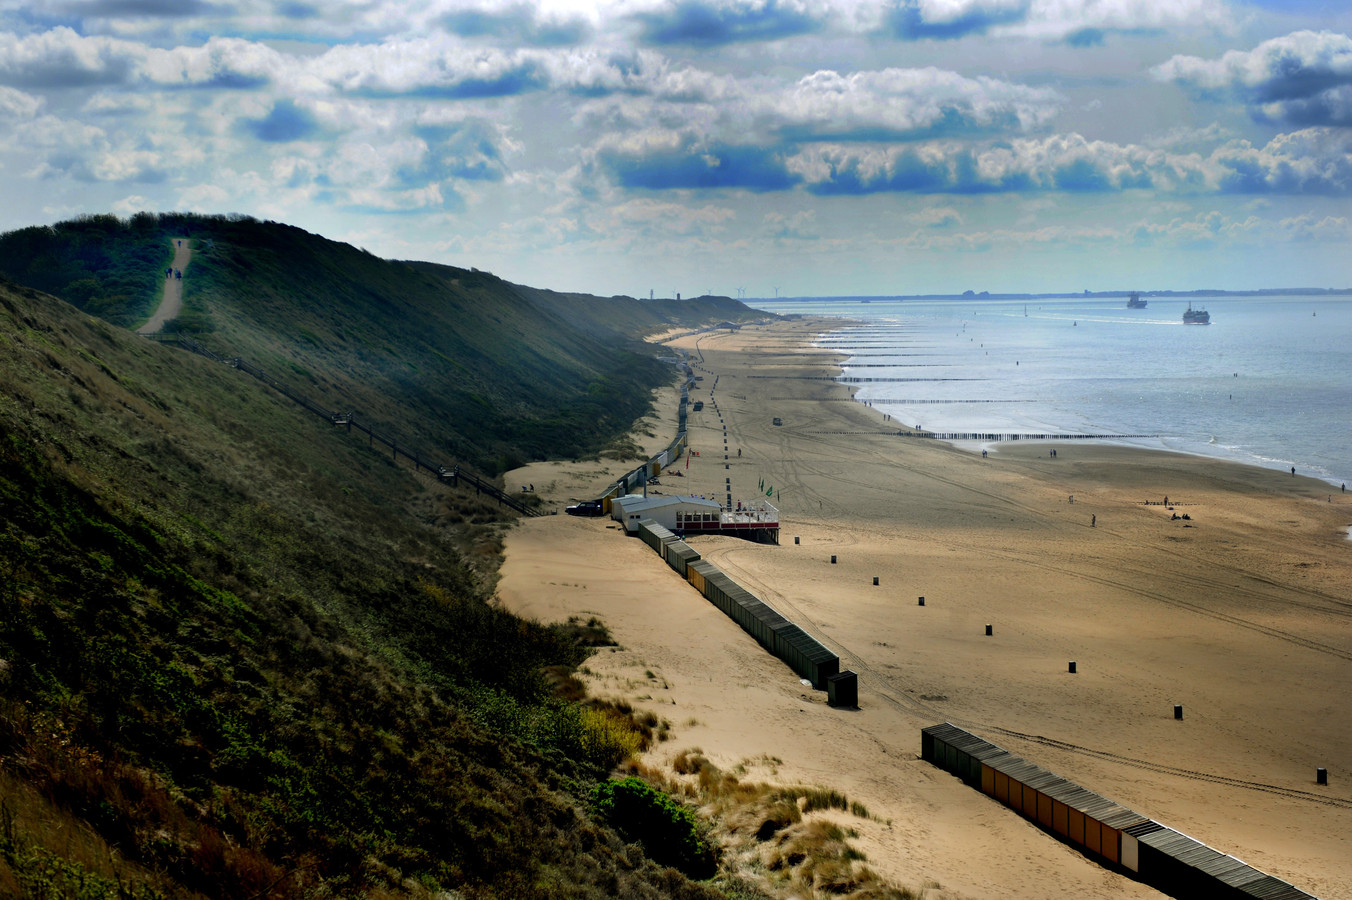 De duinen en het strand van Zoutelande.